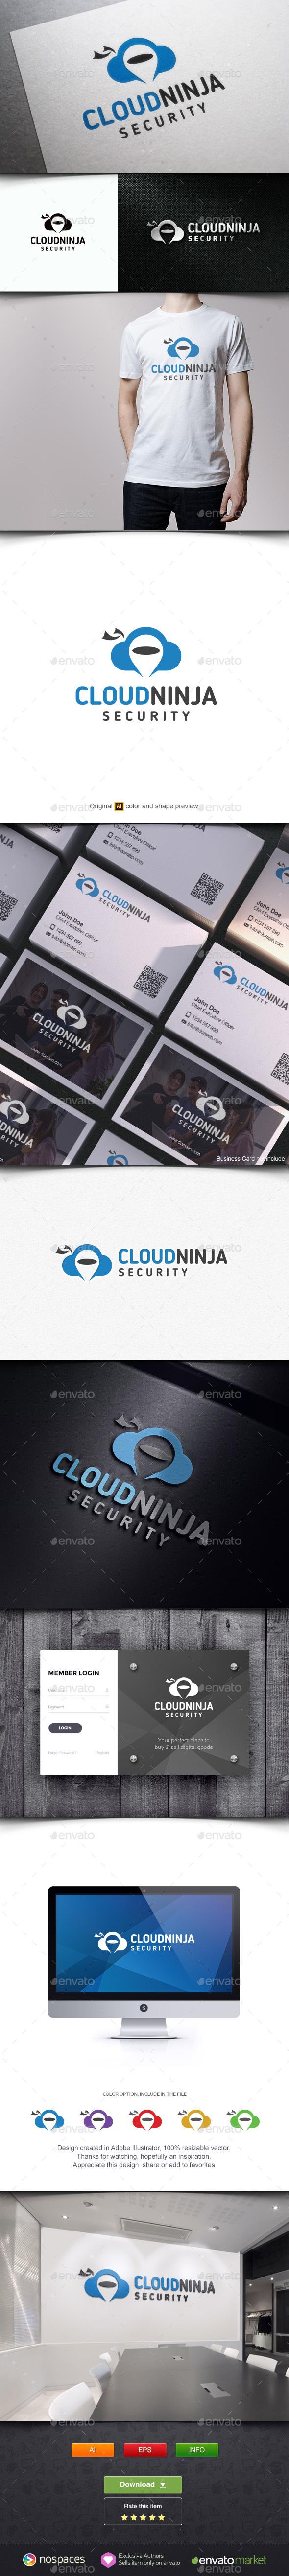 Cloud Ninja Logo